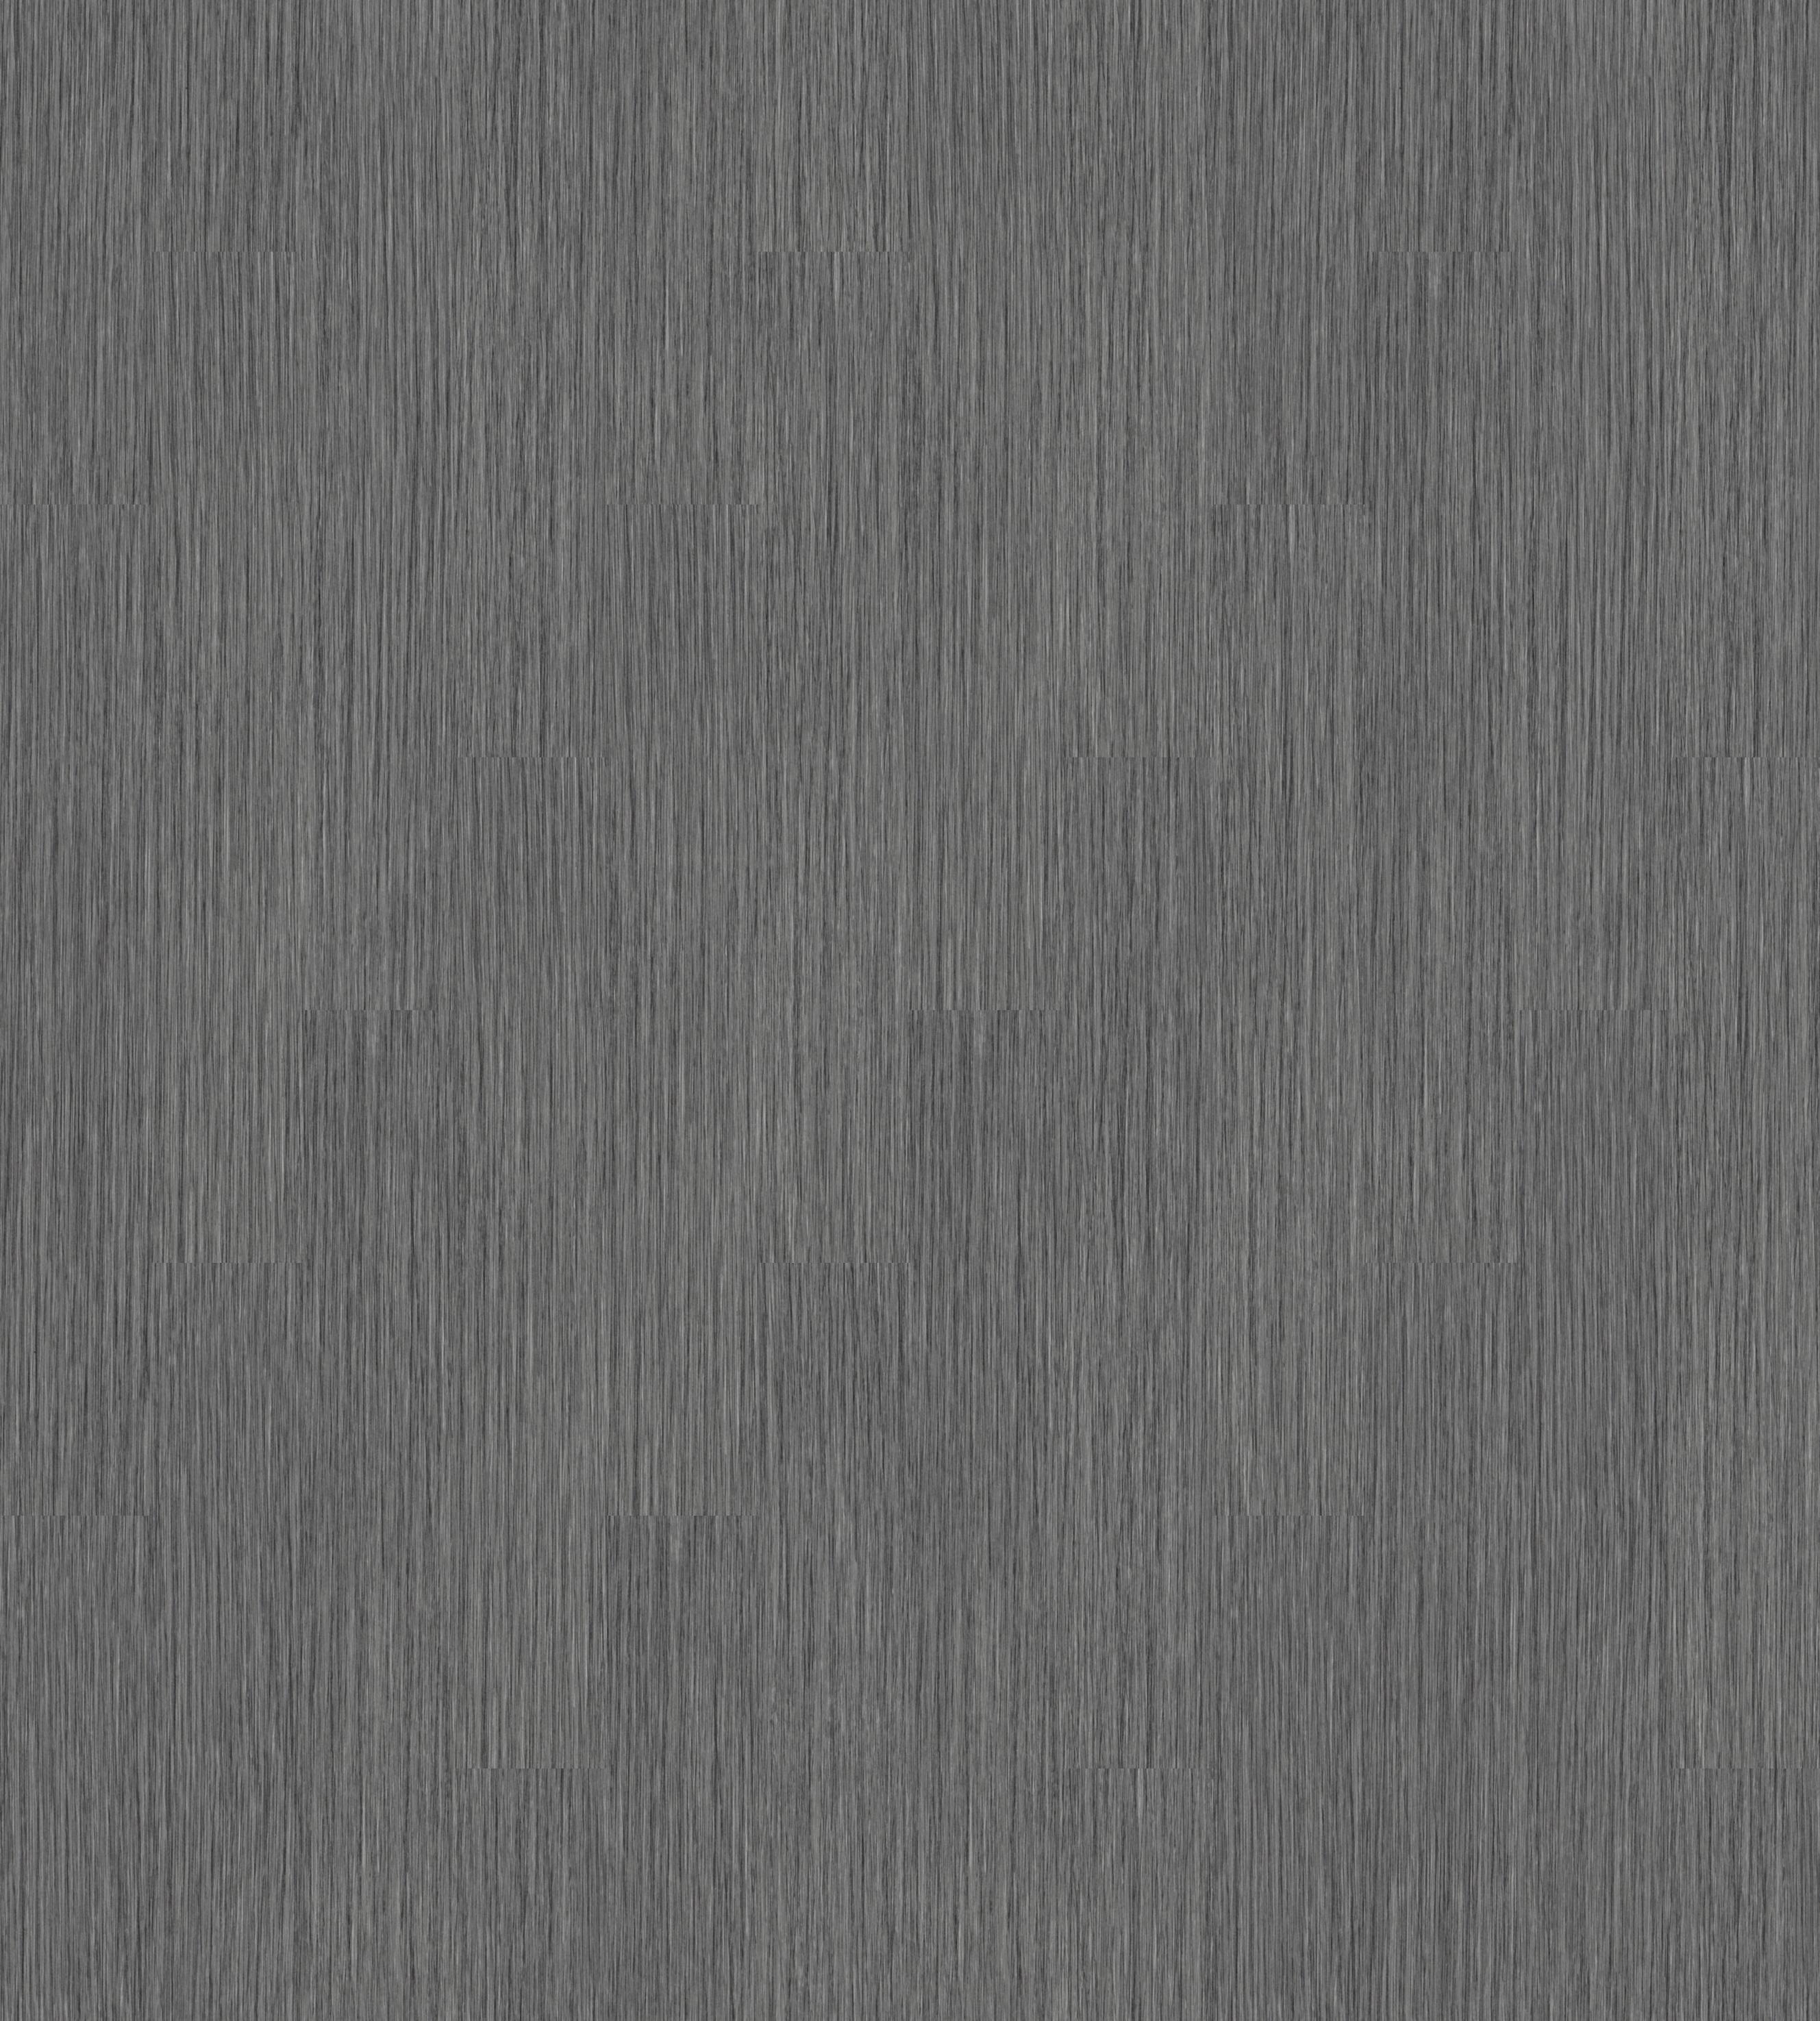 Allura_Wood-w61241_grey_seagrass-1